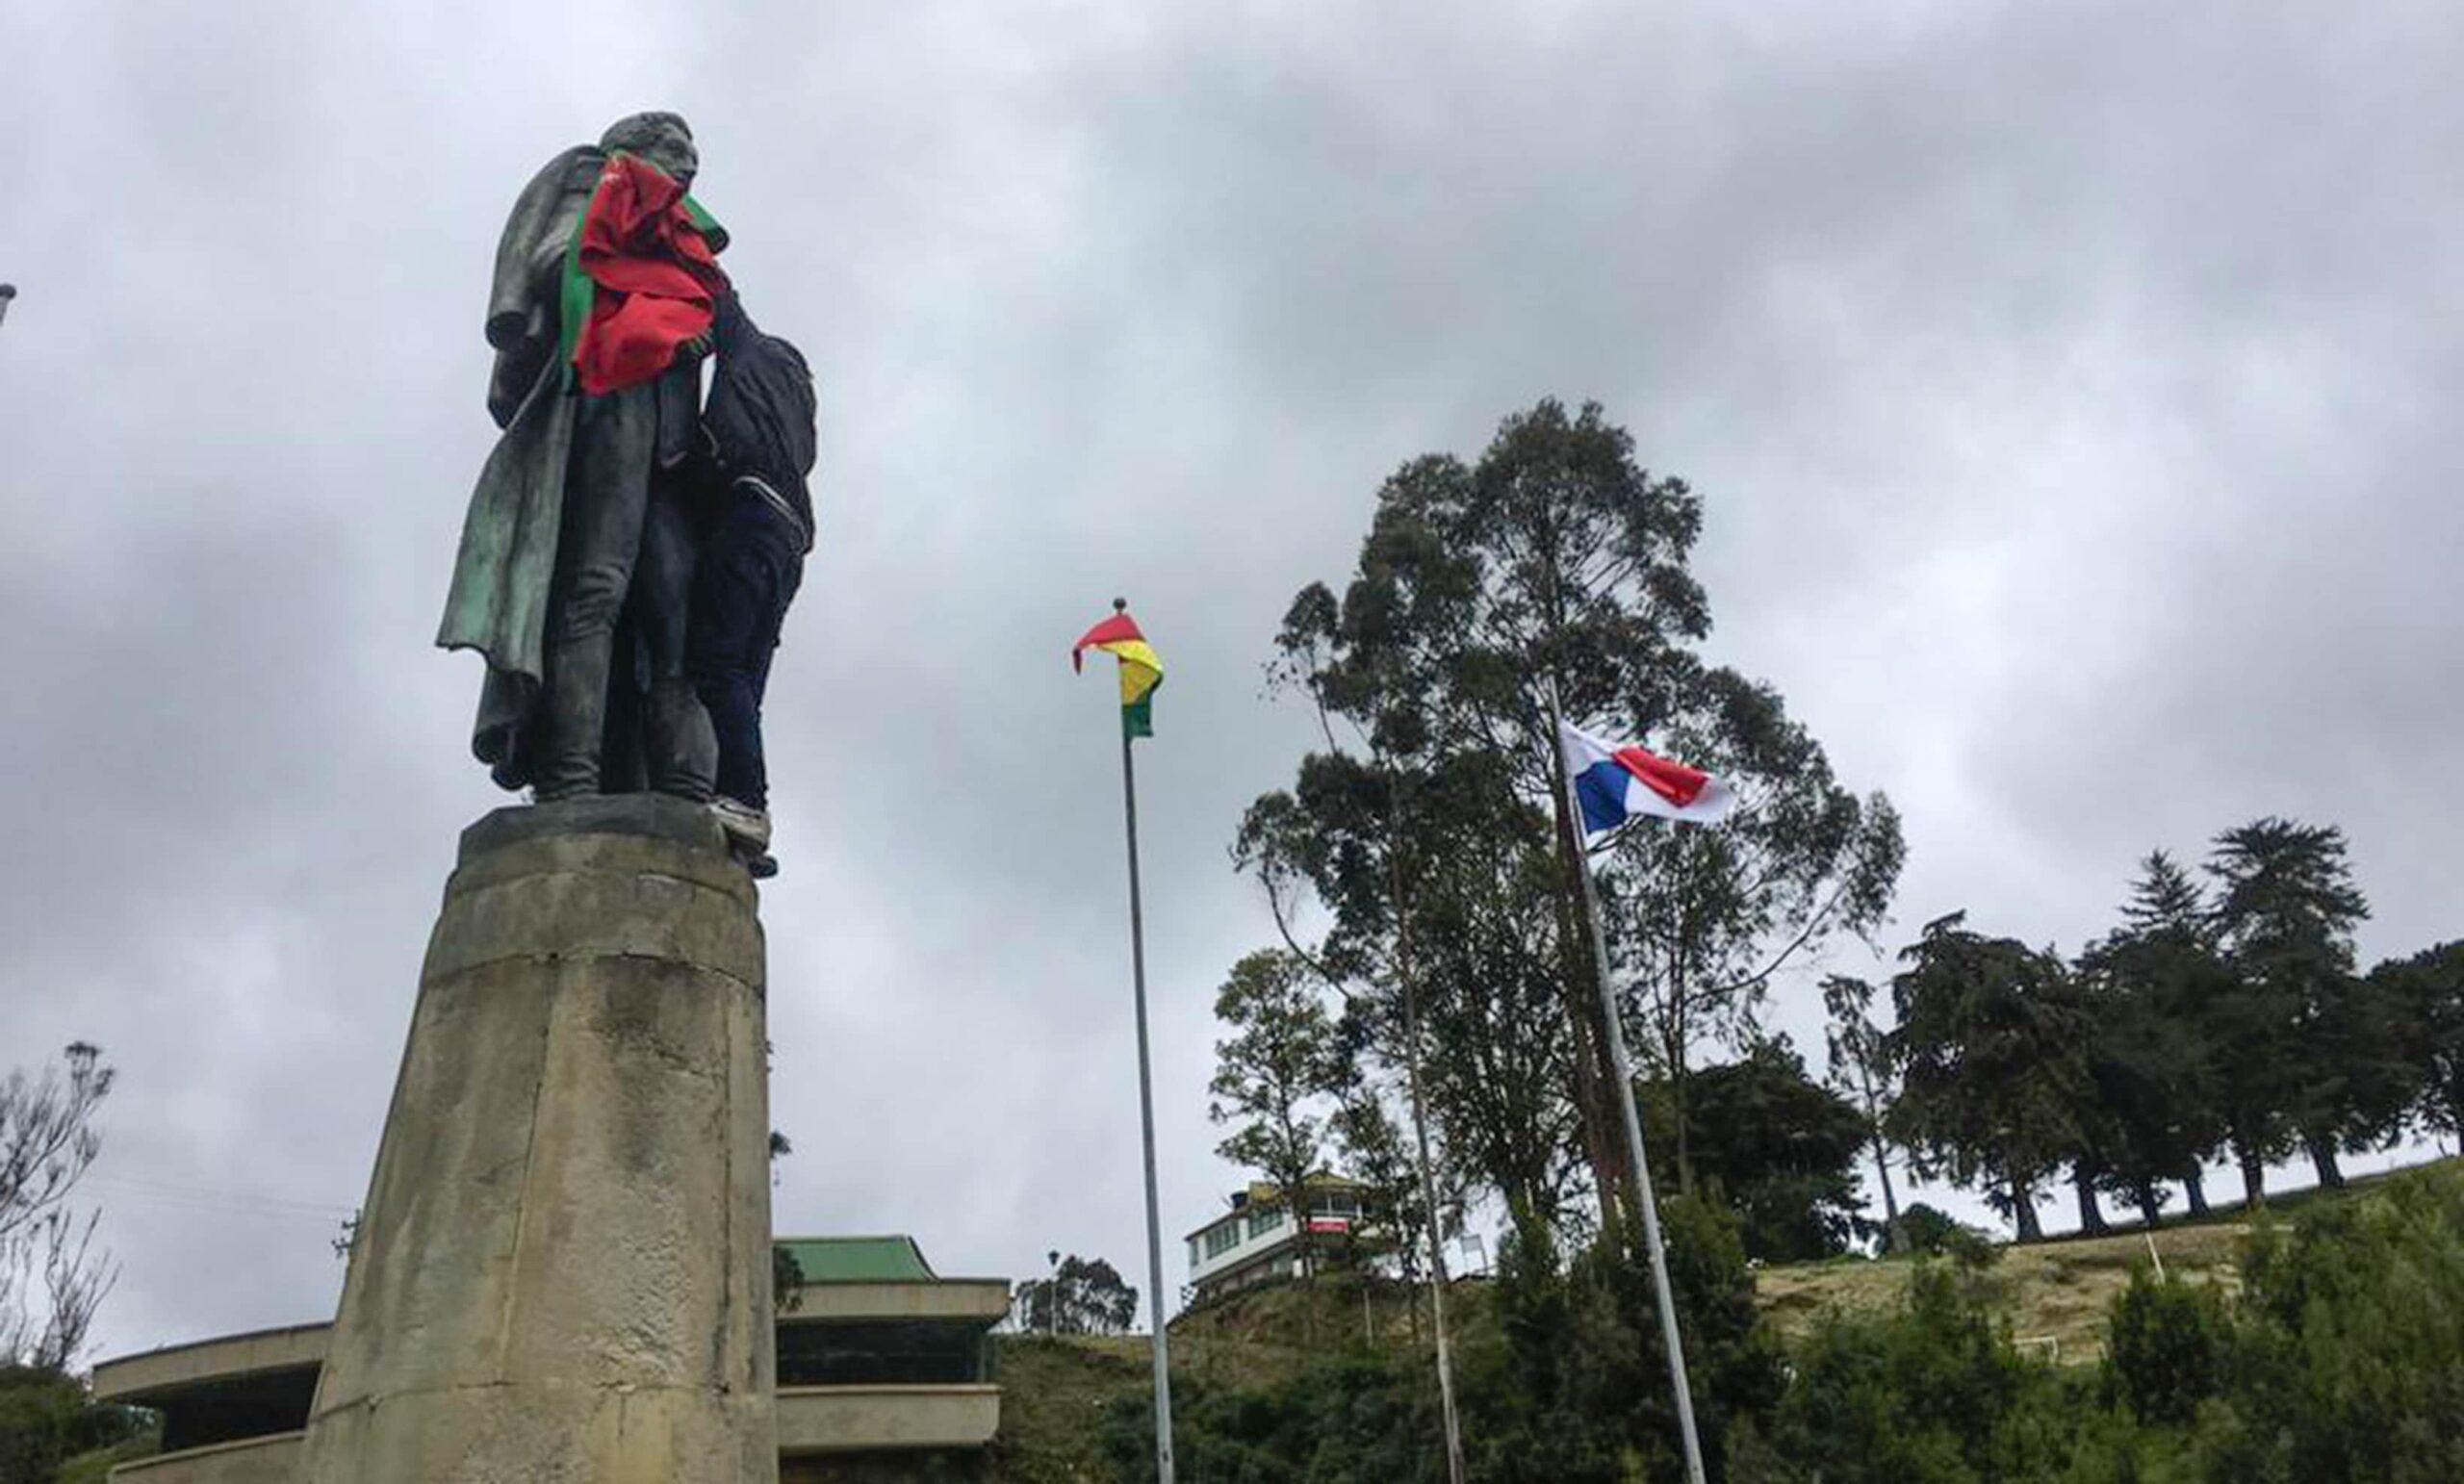 El video viral de un guía turístico enfrentándose a universitarios y la minga indígena para proteger un monumento del Puente de Boyacá 2